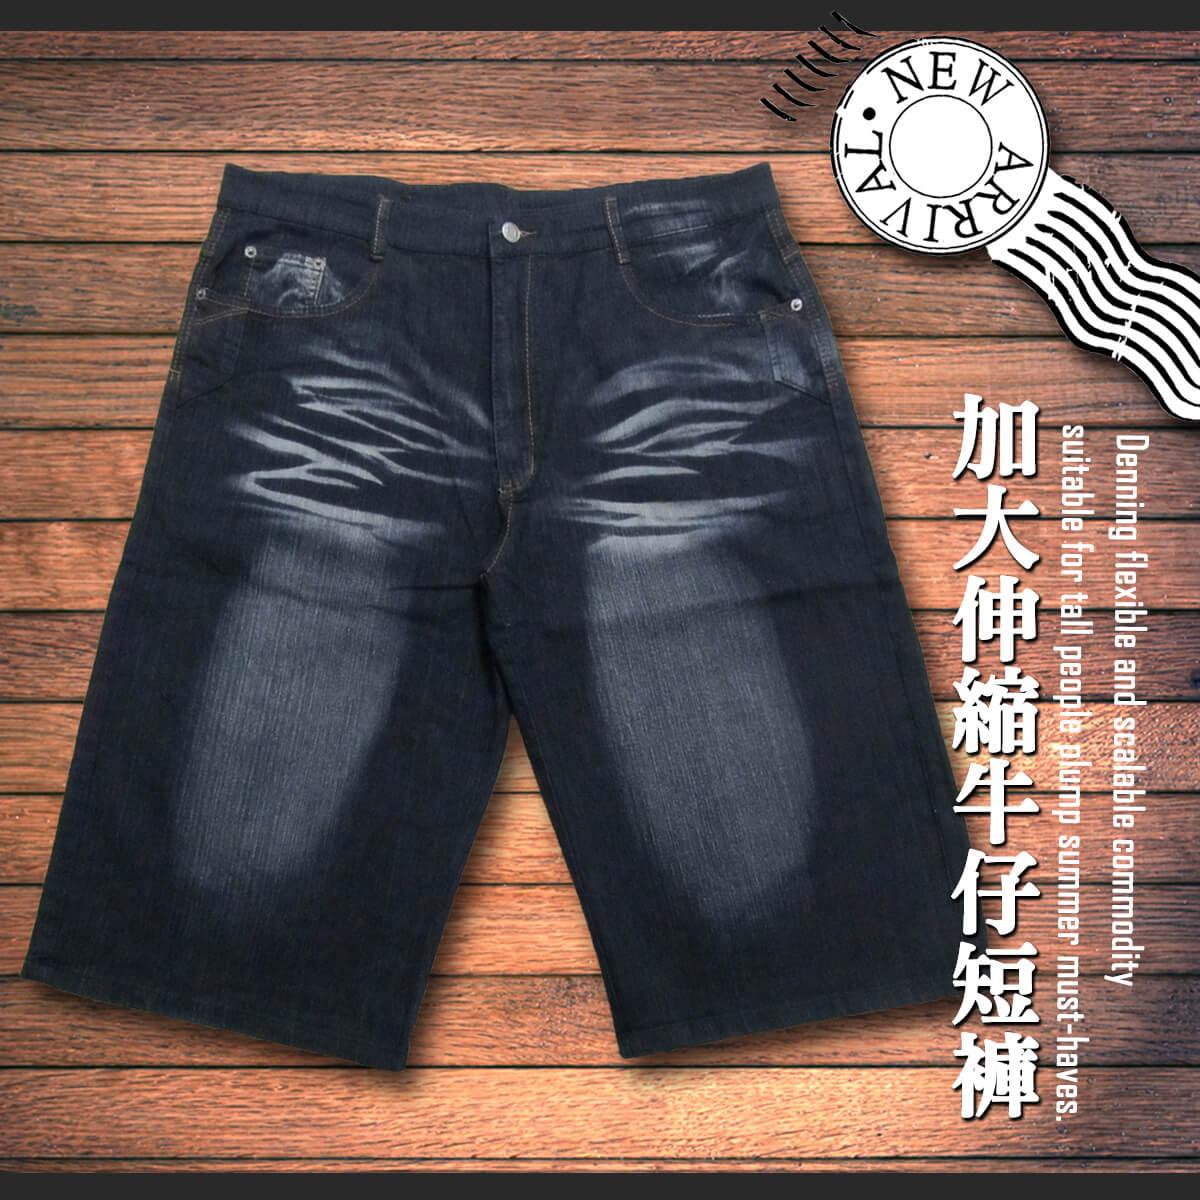 sun~e加大 牛仔短褲、加大 黑色牛仔褲、加大 貓爪刷白牛仔短褲、加大 丹寧短褲、加大